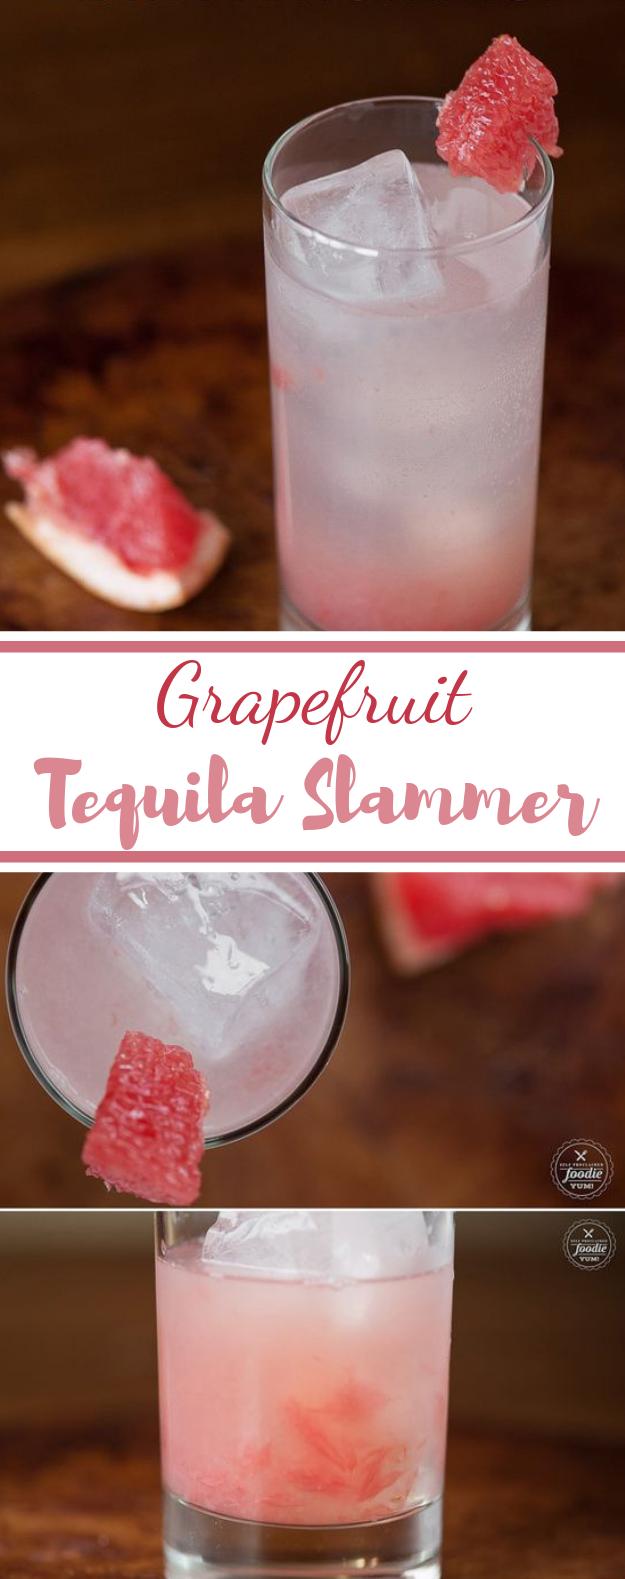 Grapefruit Tequila Slammer #cocktail #drinks